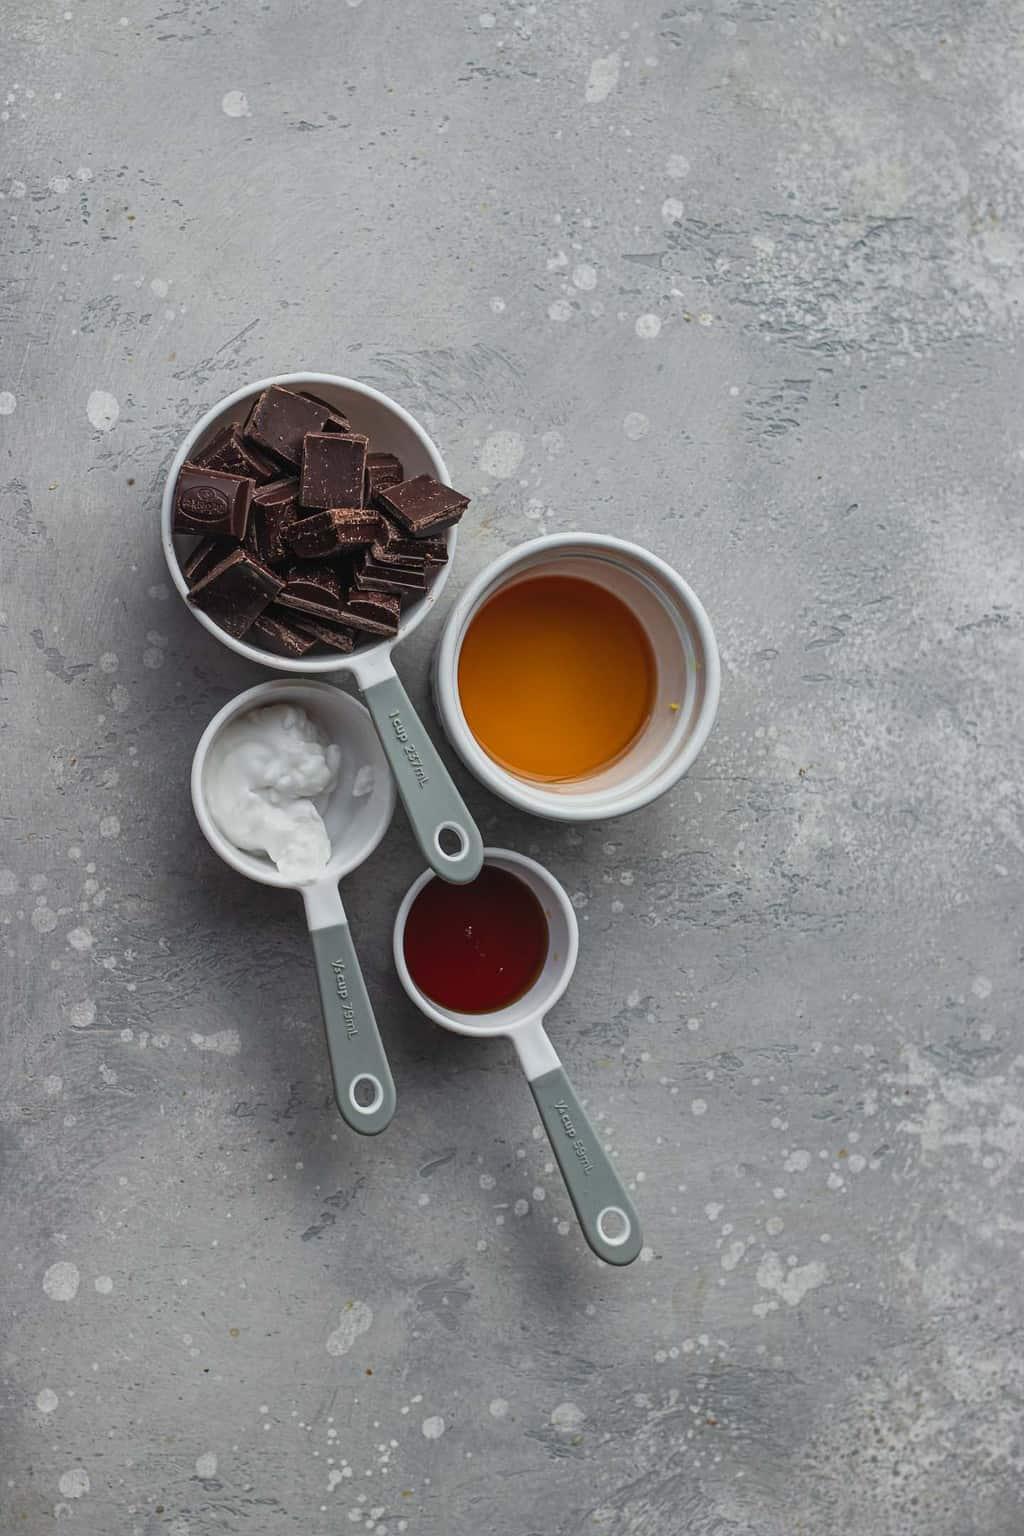 ingredientes para el centro de chocolate fundido